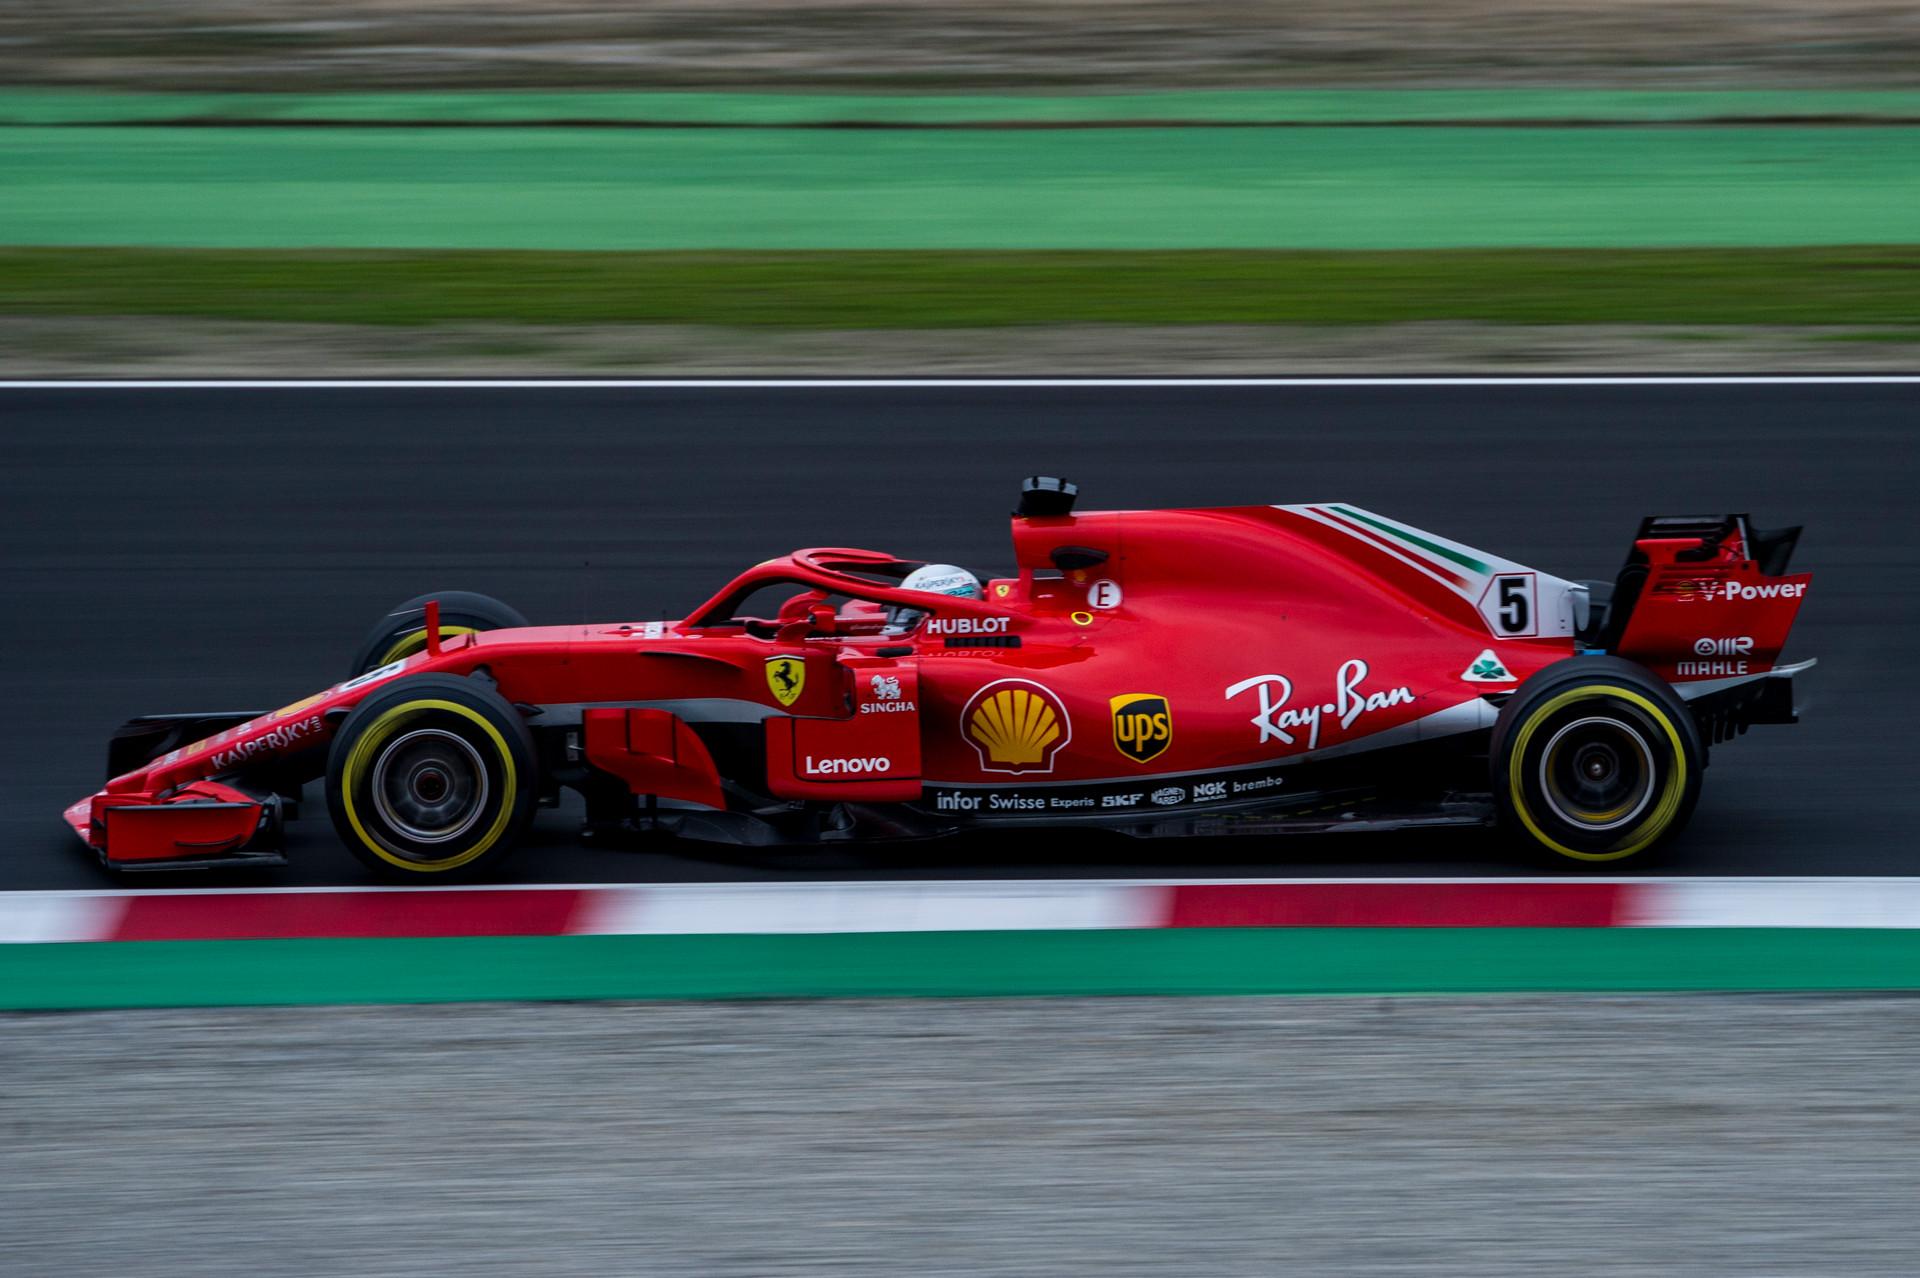 Lenovo'nun Ferrari Sponsorluğu 2018 Sezonuyla Başlıyor